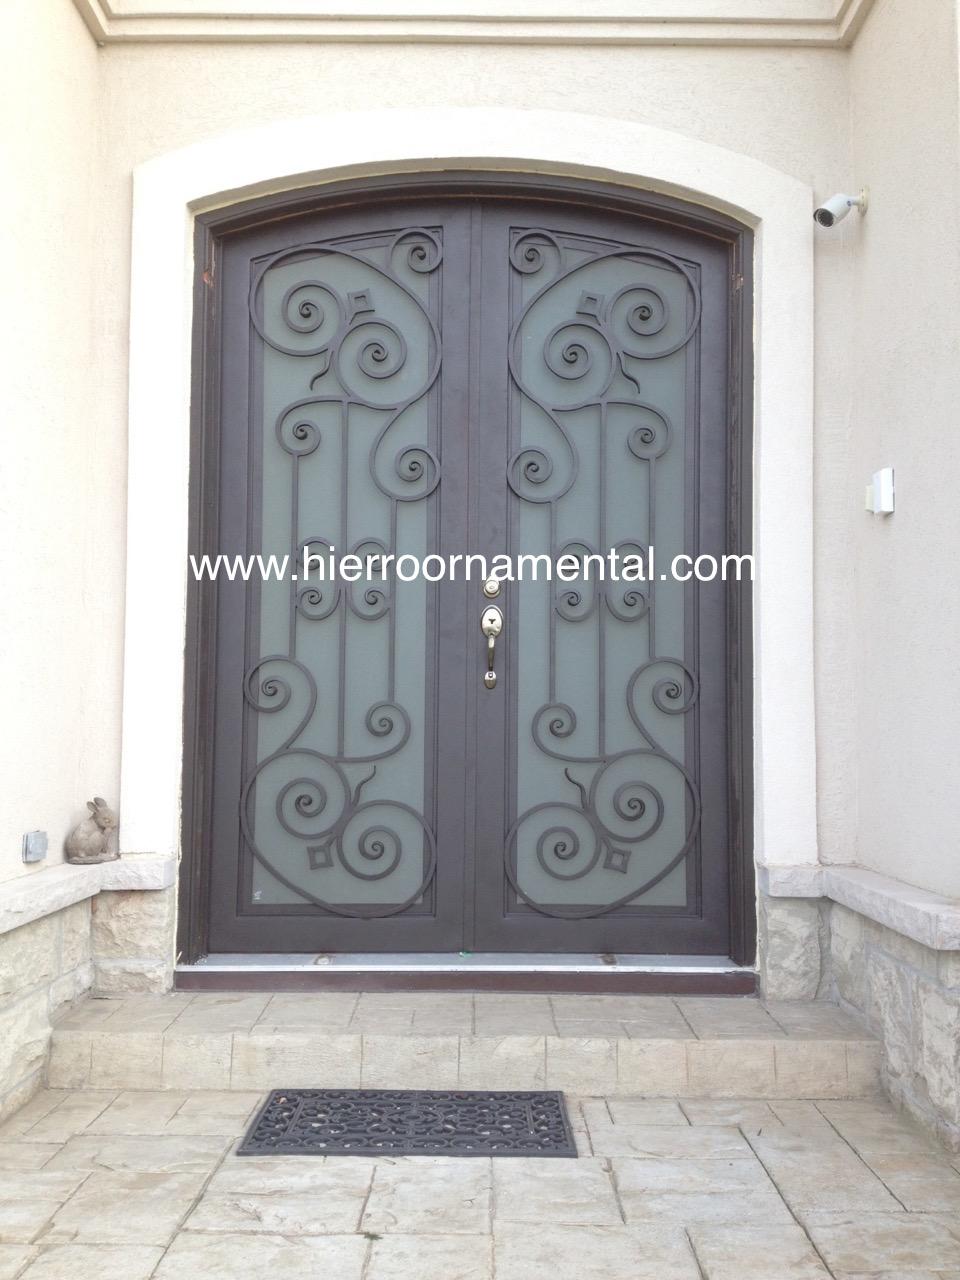 Puerta de hierro forjado 2 detalle producto for Puertas hierro forjado